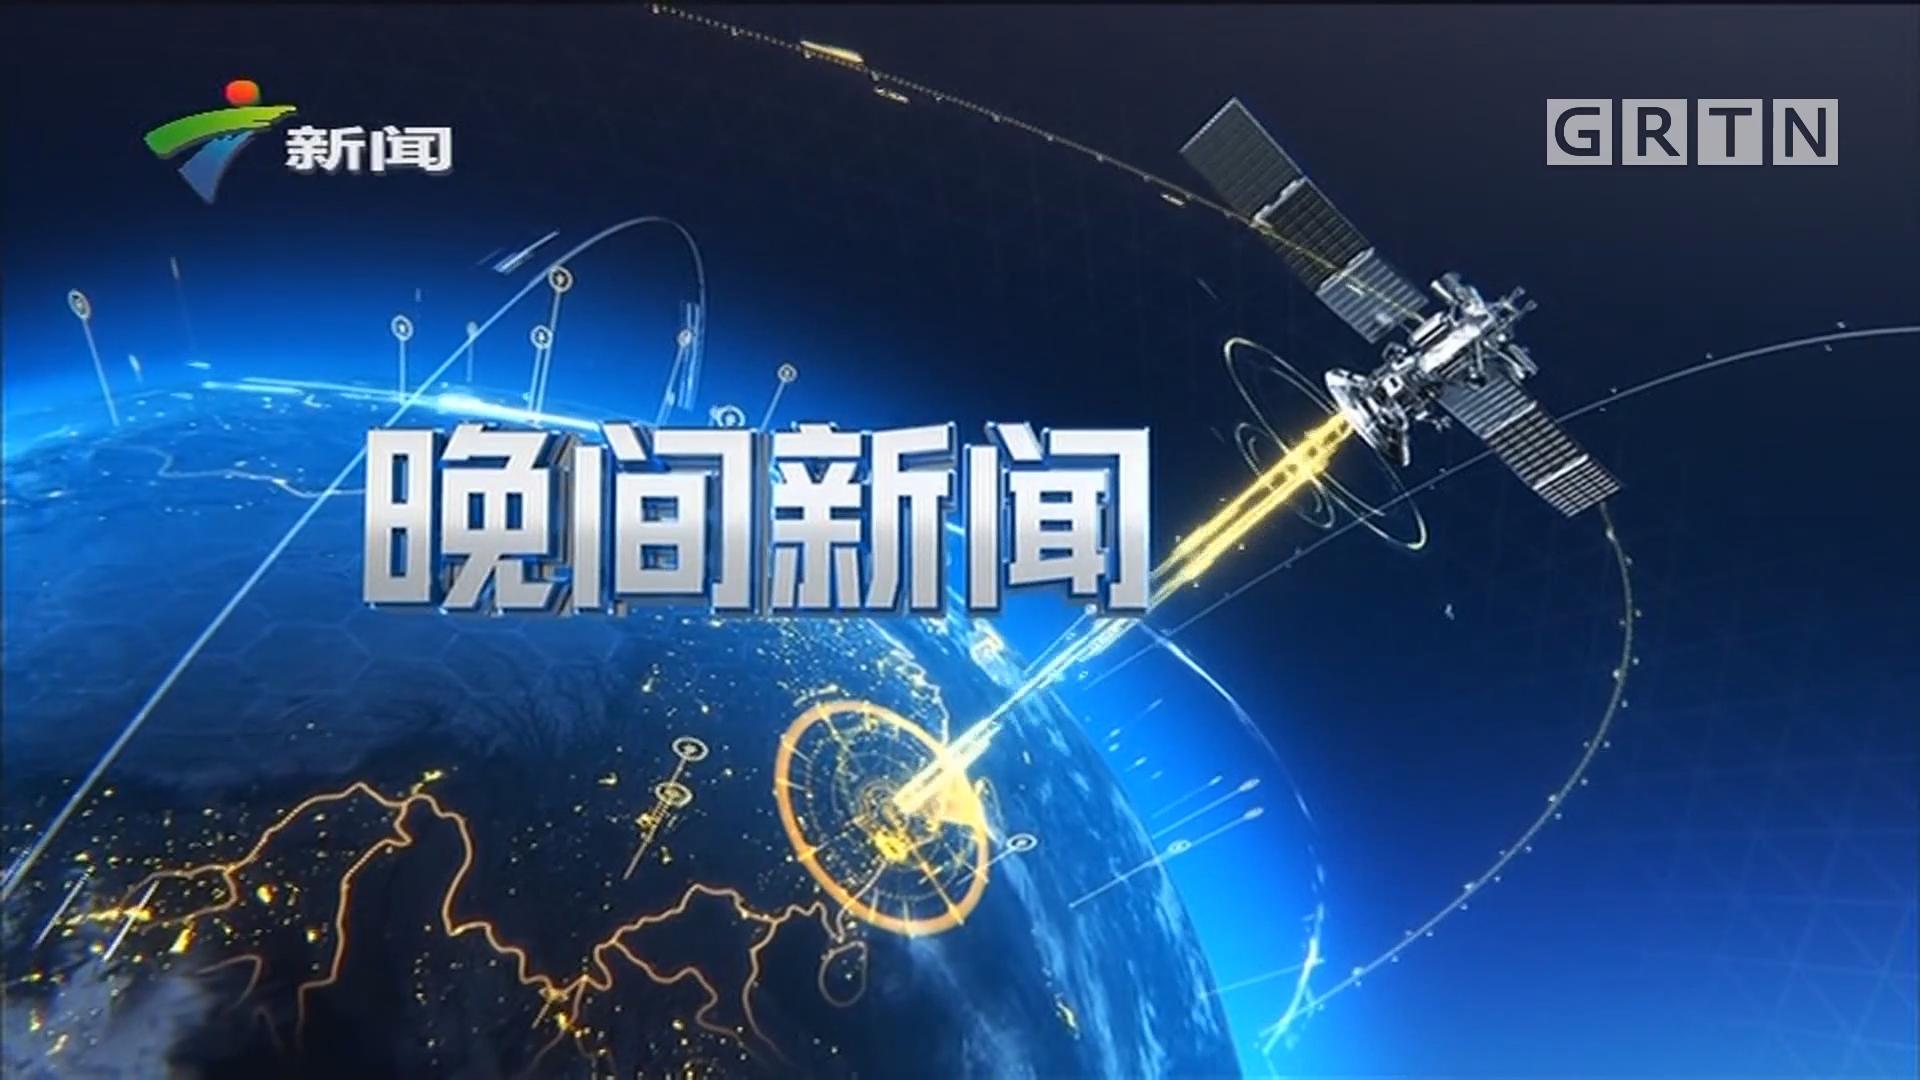 [HD][2019-06-18]晚间新闻:习近平对四川长宁6.0级地震作出重要指示